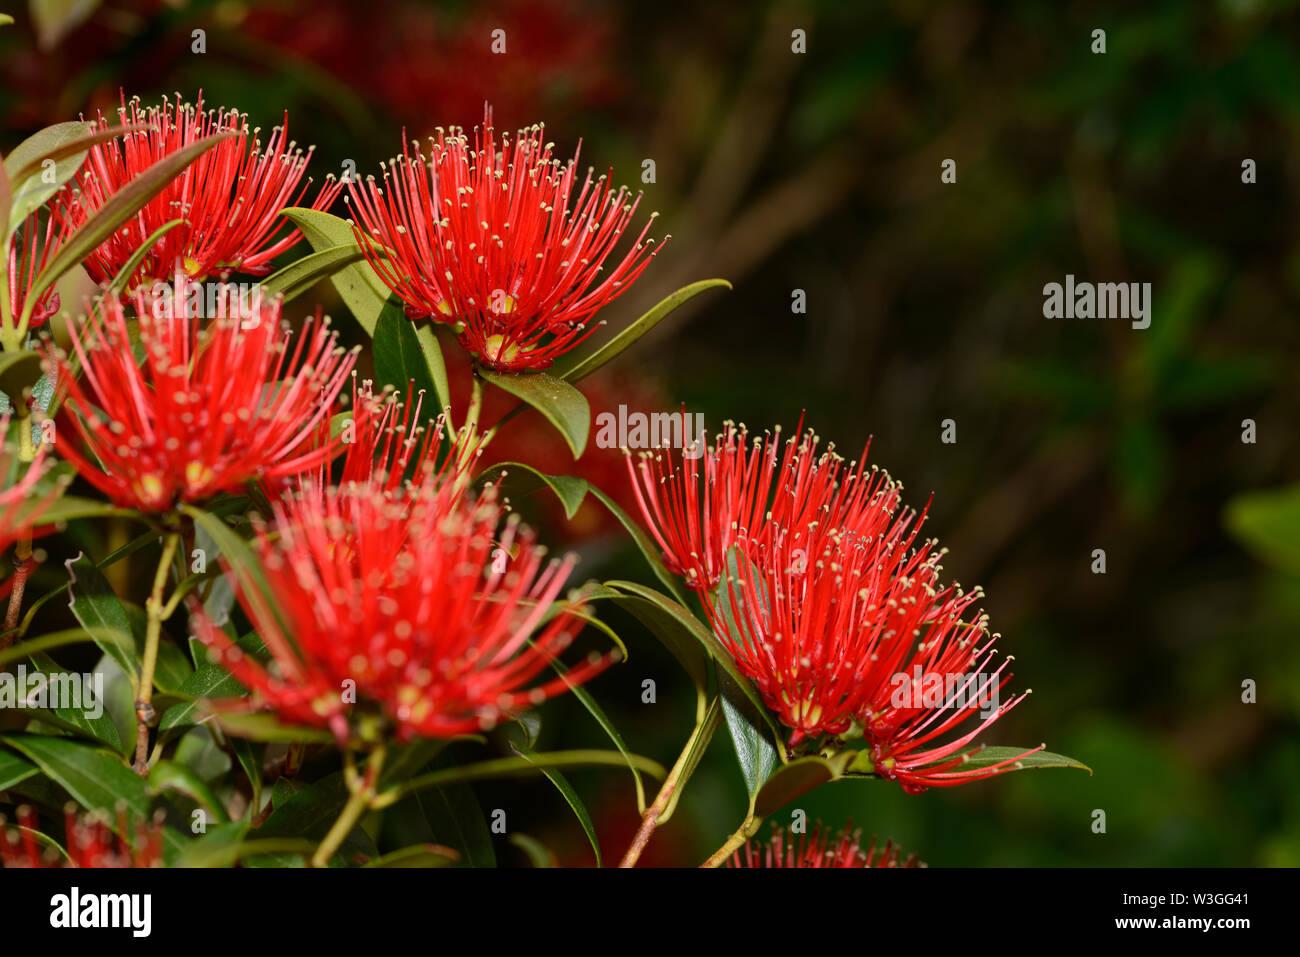 Fleurs de la Nouvelle-Zélande le Rata du Sud égayer la journée pour les visiteurs à la Gorge Otira à Arthurs Pass National Park, New Zealand. Photo Stock